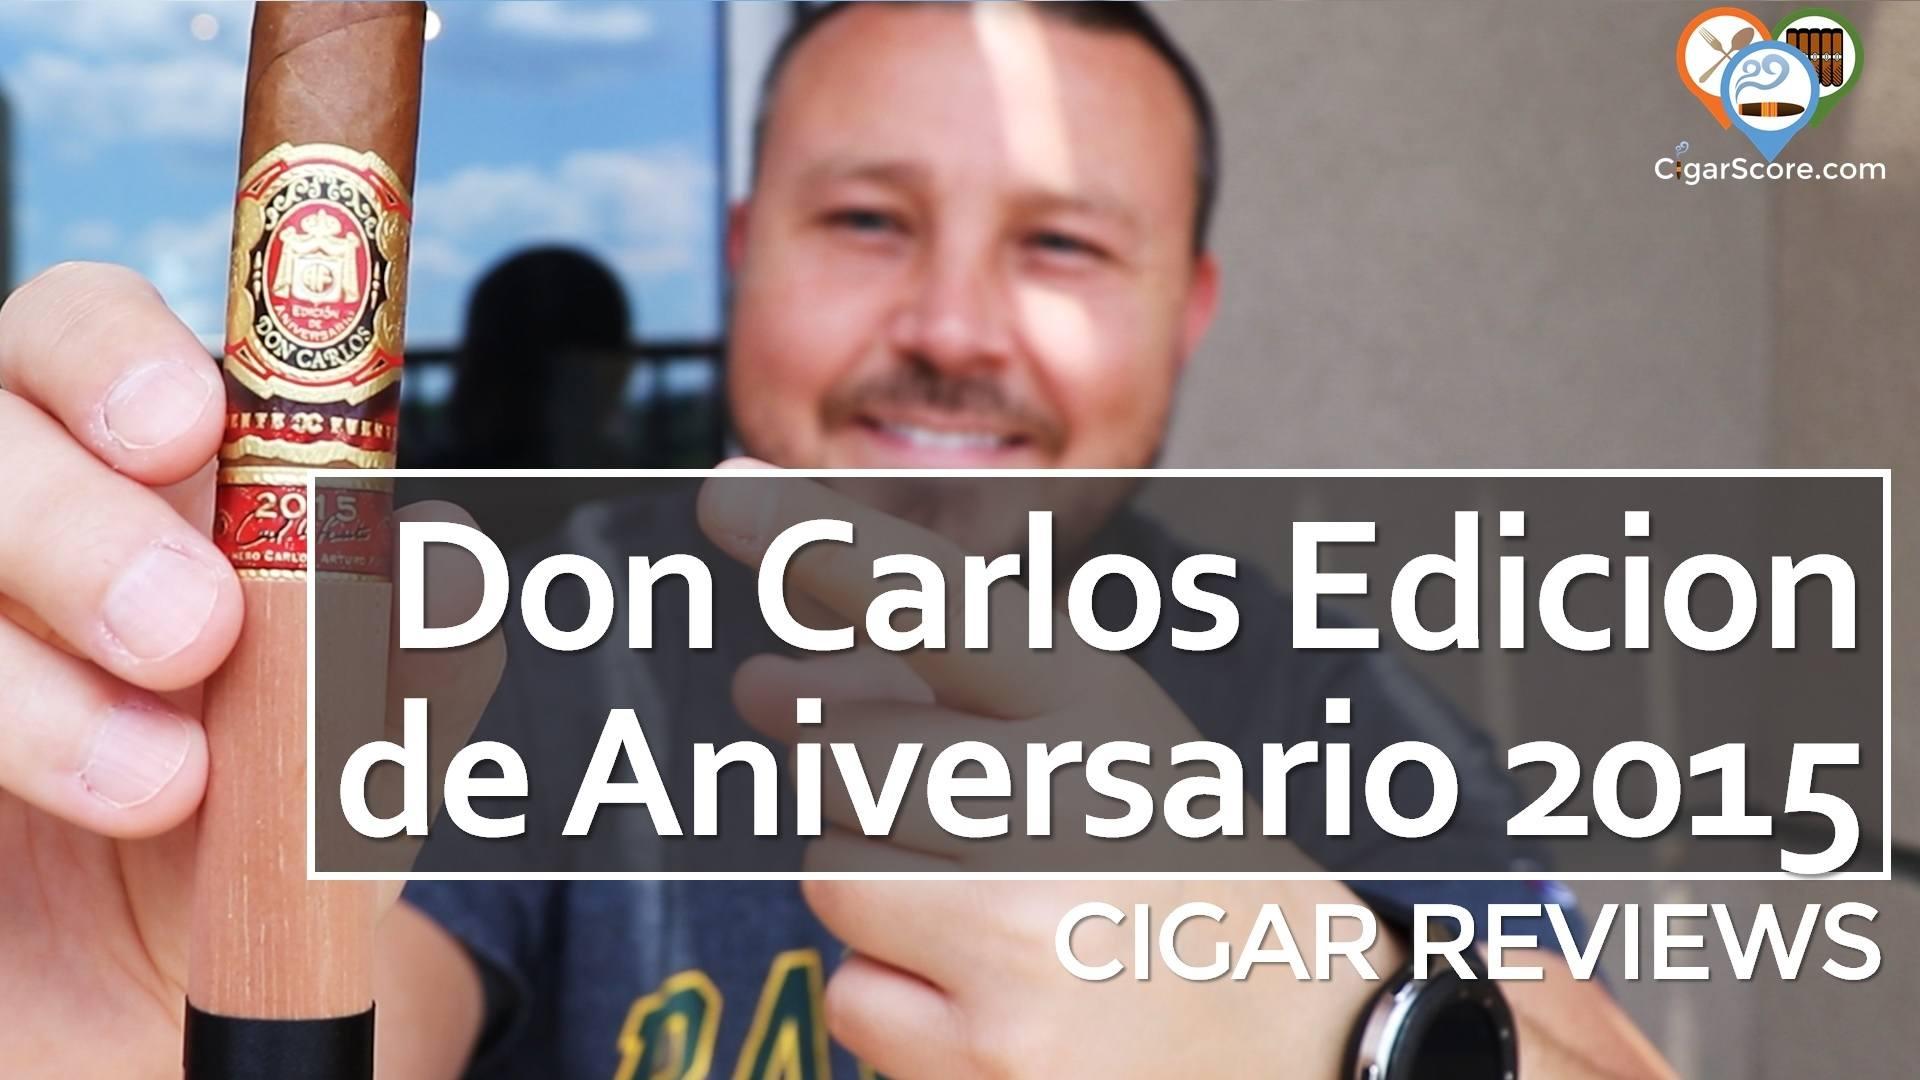 Cigar Review Arturo Fuente Don Carlos Edicion de Aniversario 2015